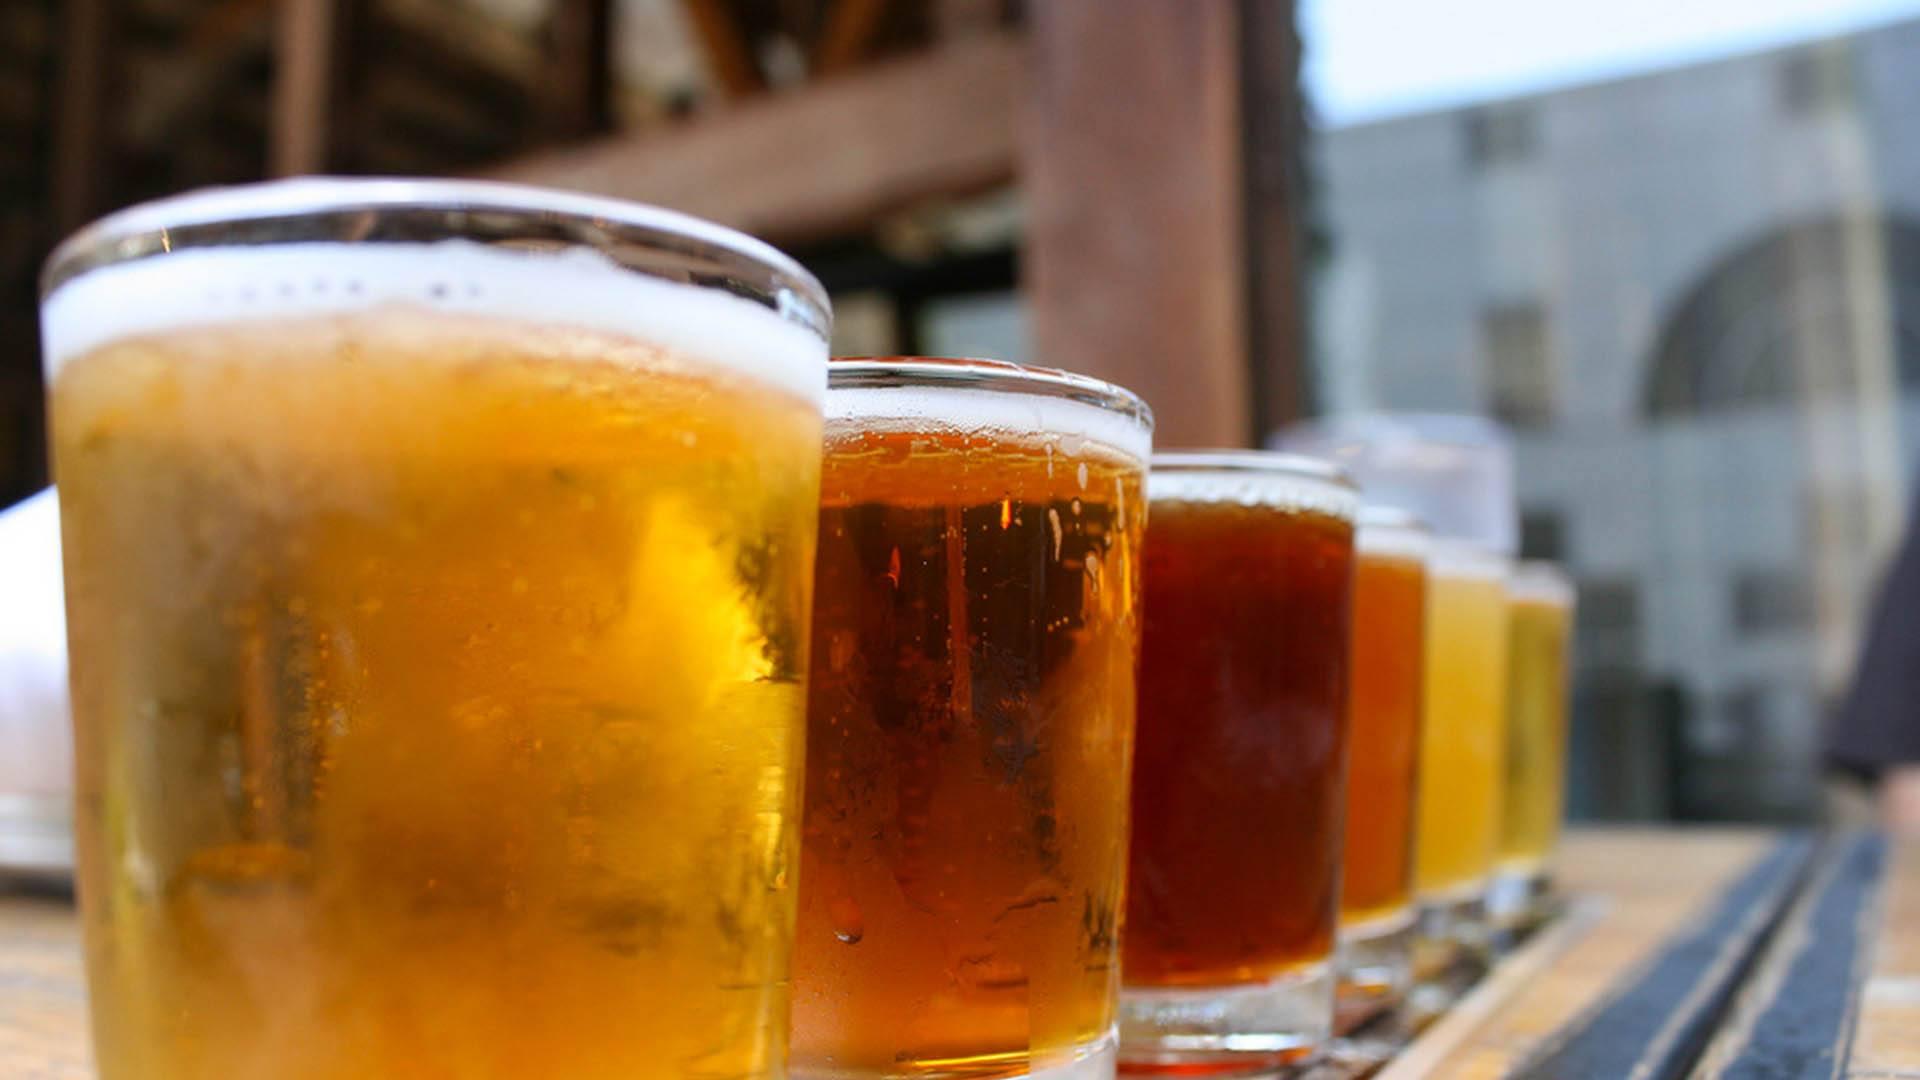 Birre artigianali | Le Magnolie Ristorante e Pizzeria | Frigintini